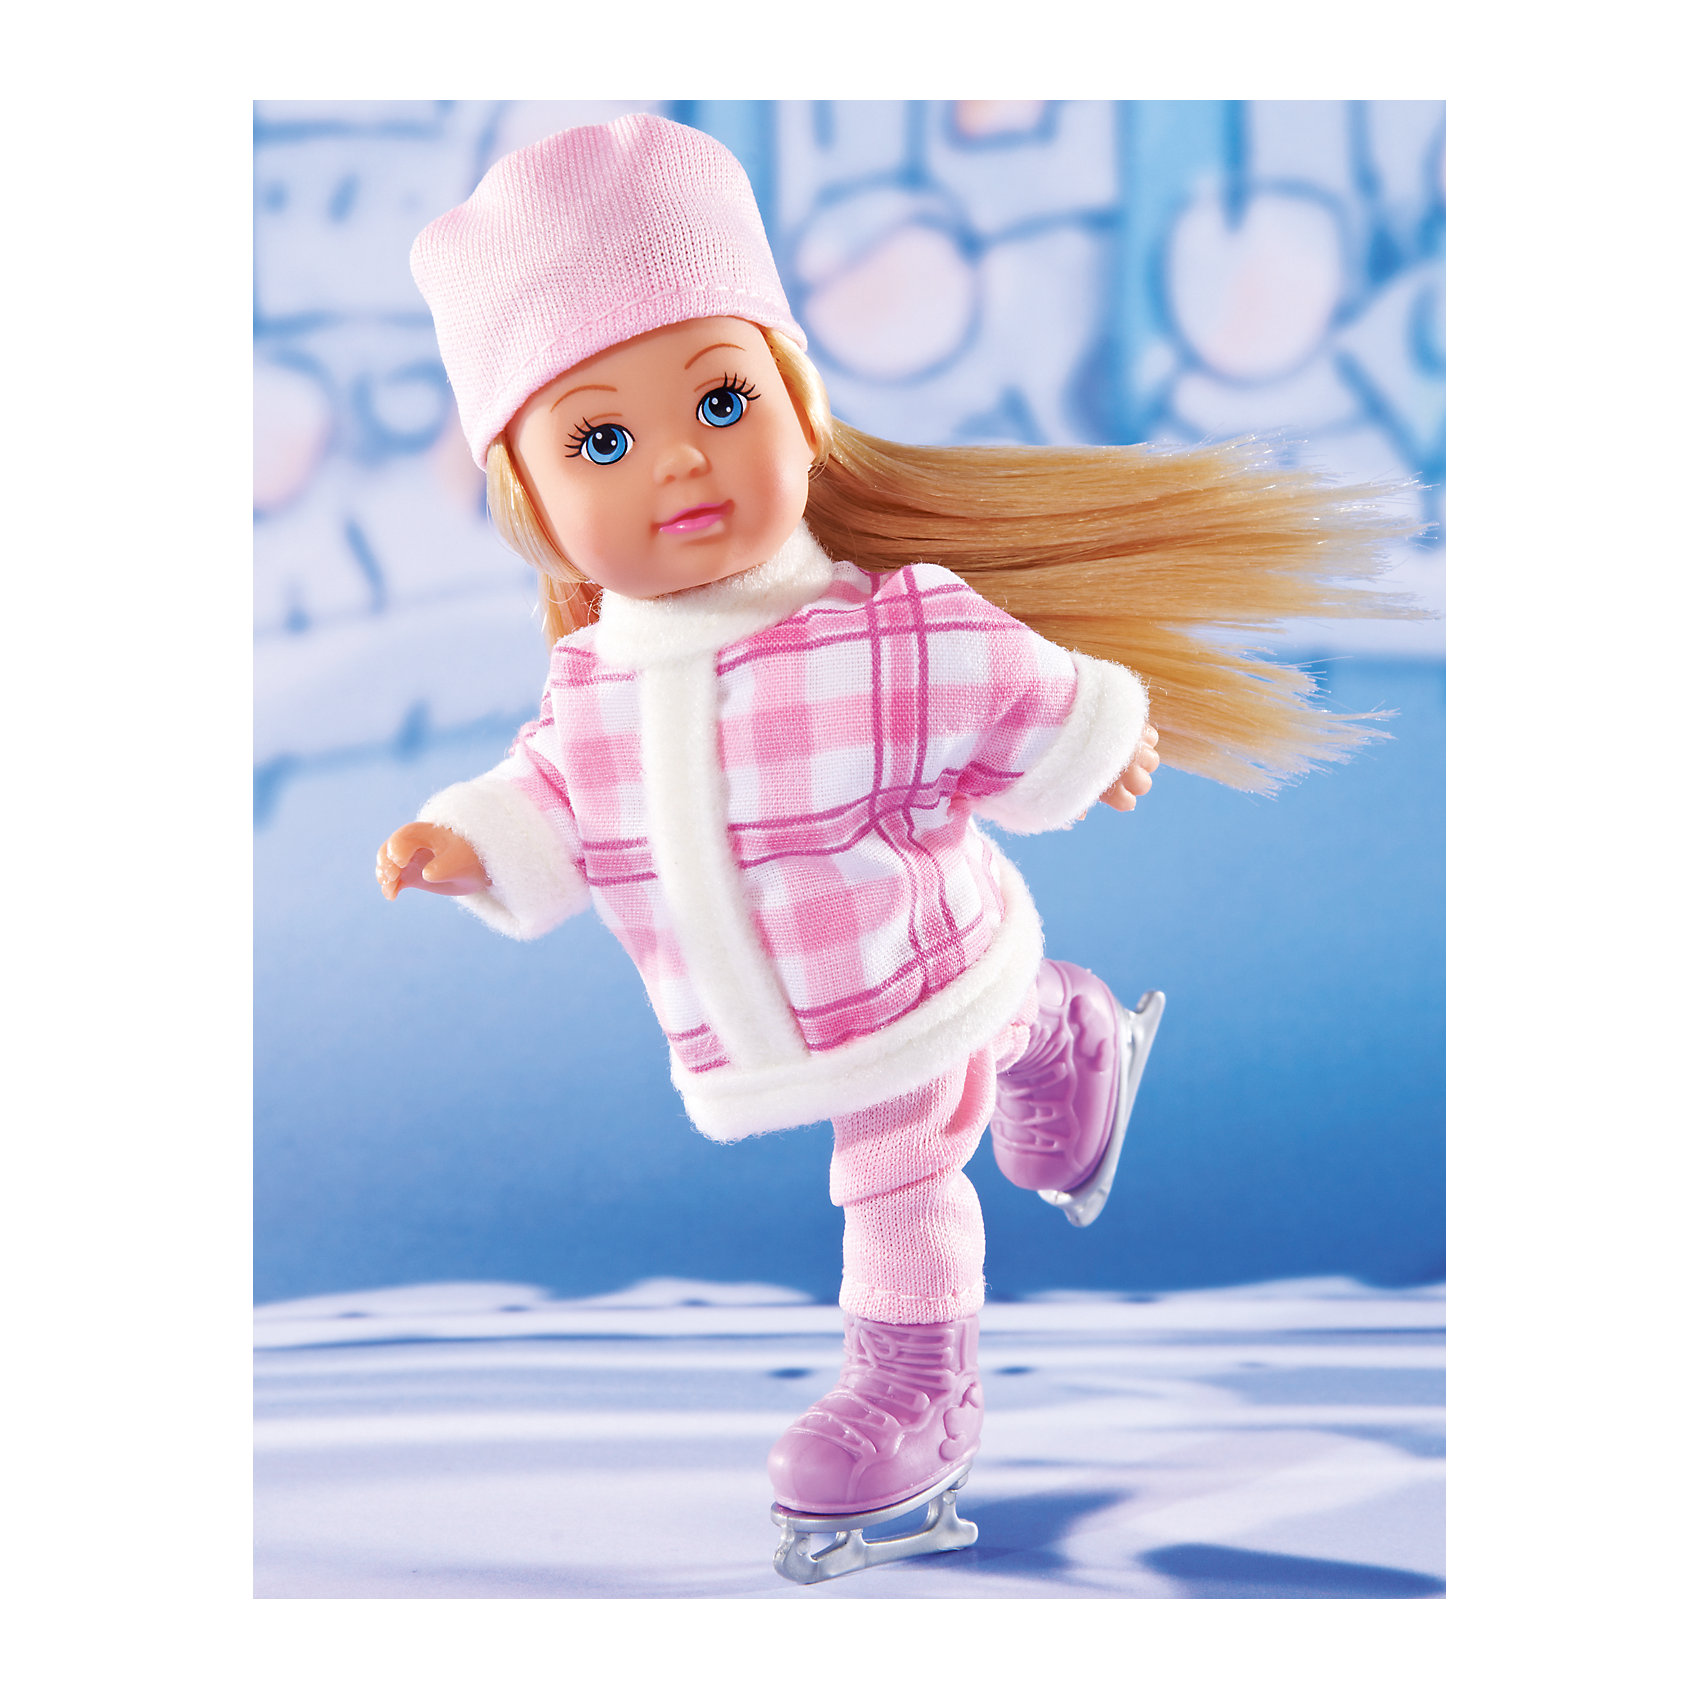 Simba Кукла Штеффи и Еви катаются на коньках, 29 см, Simba simba самолет инерционный цвет красный